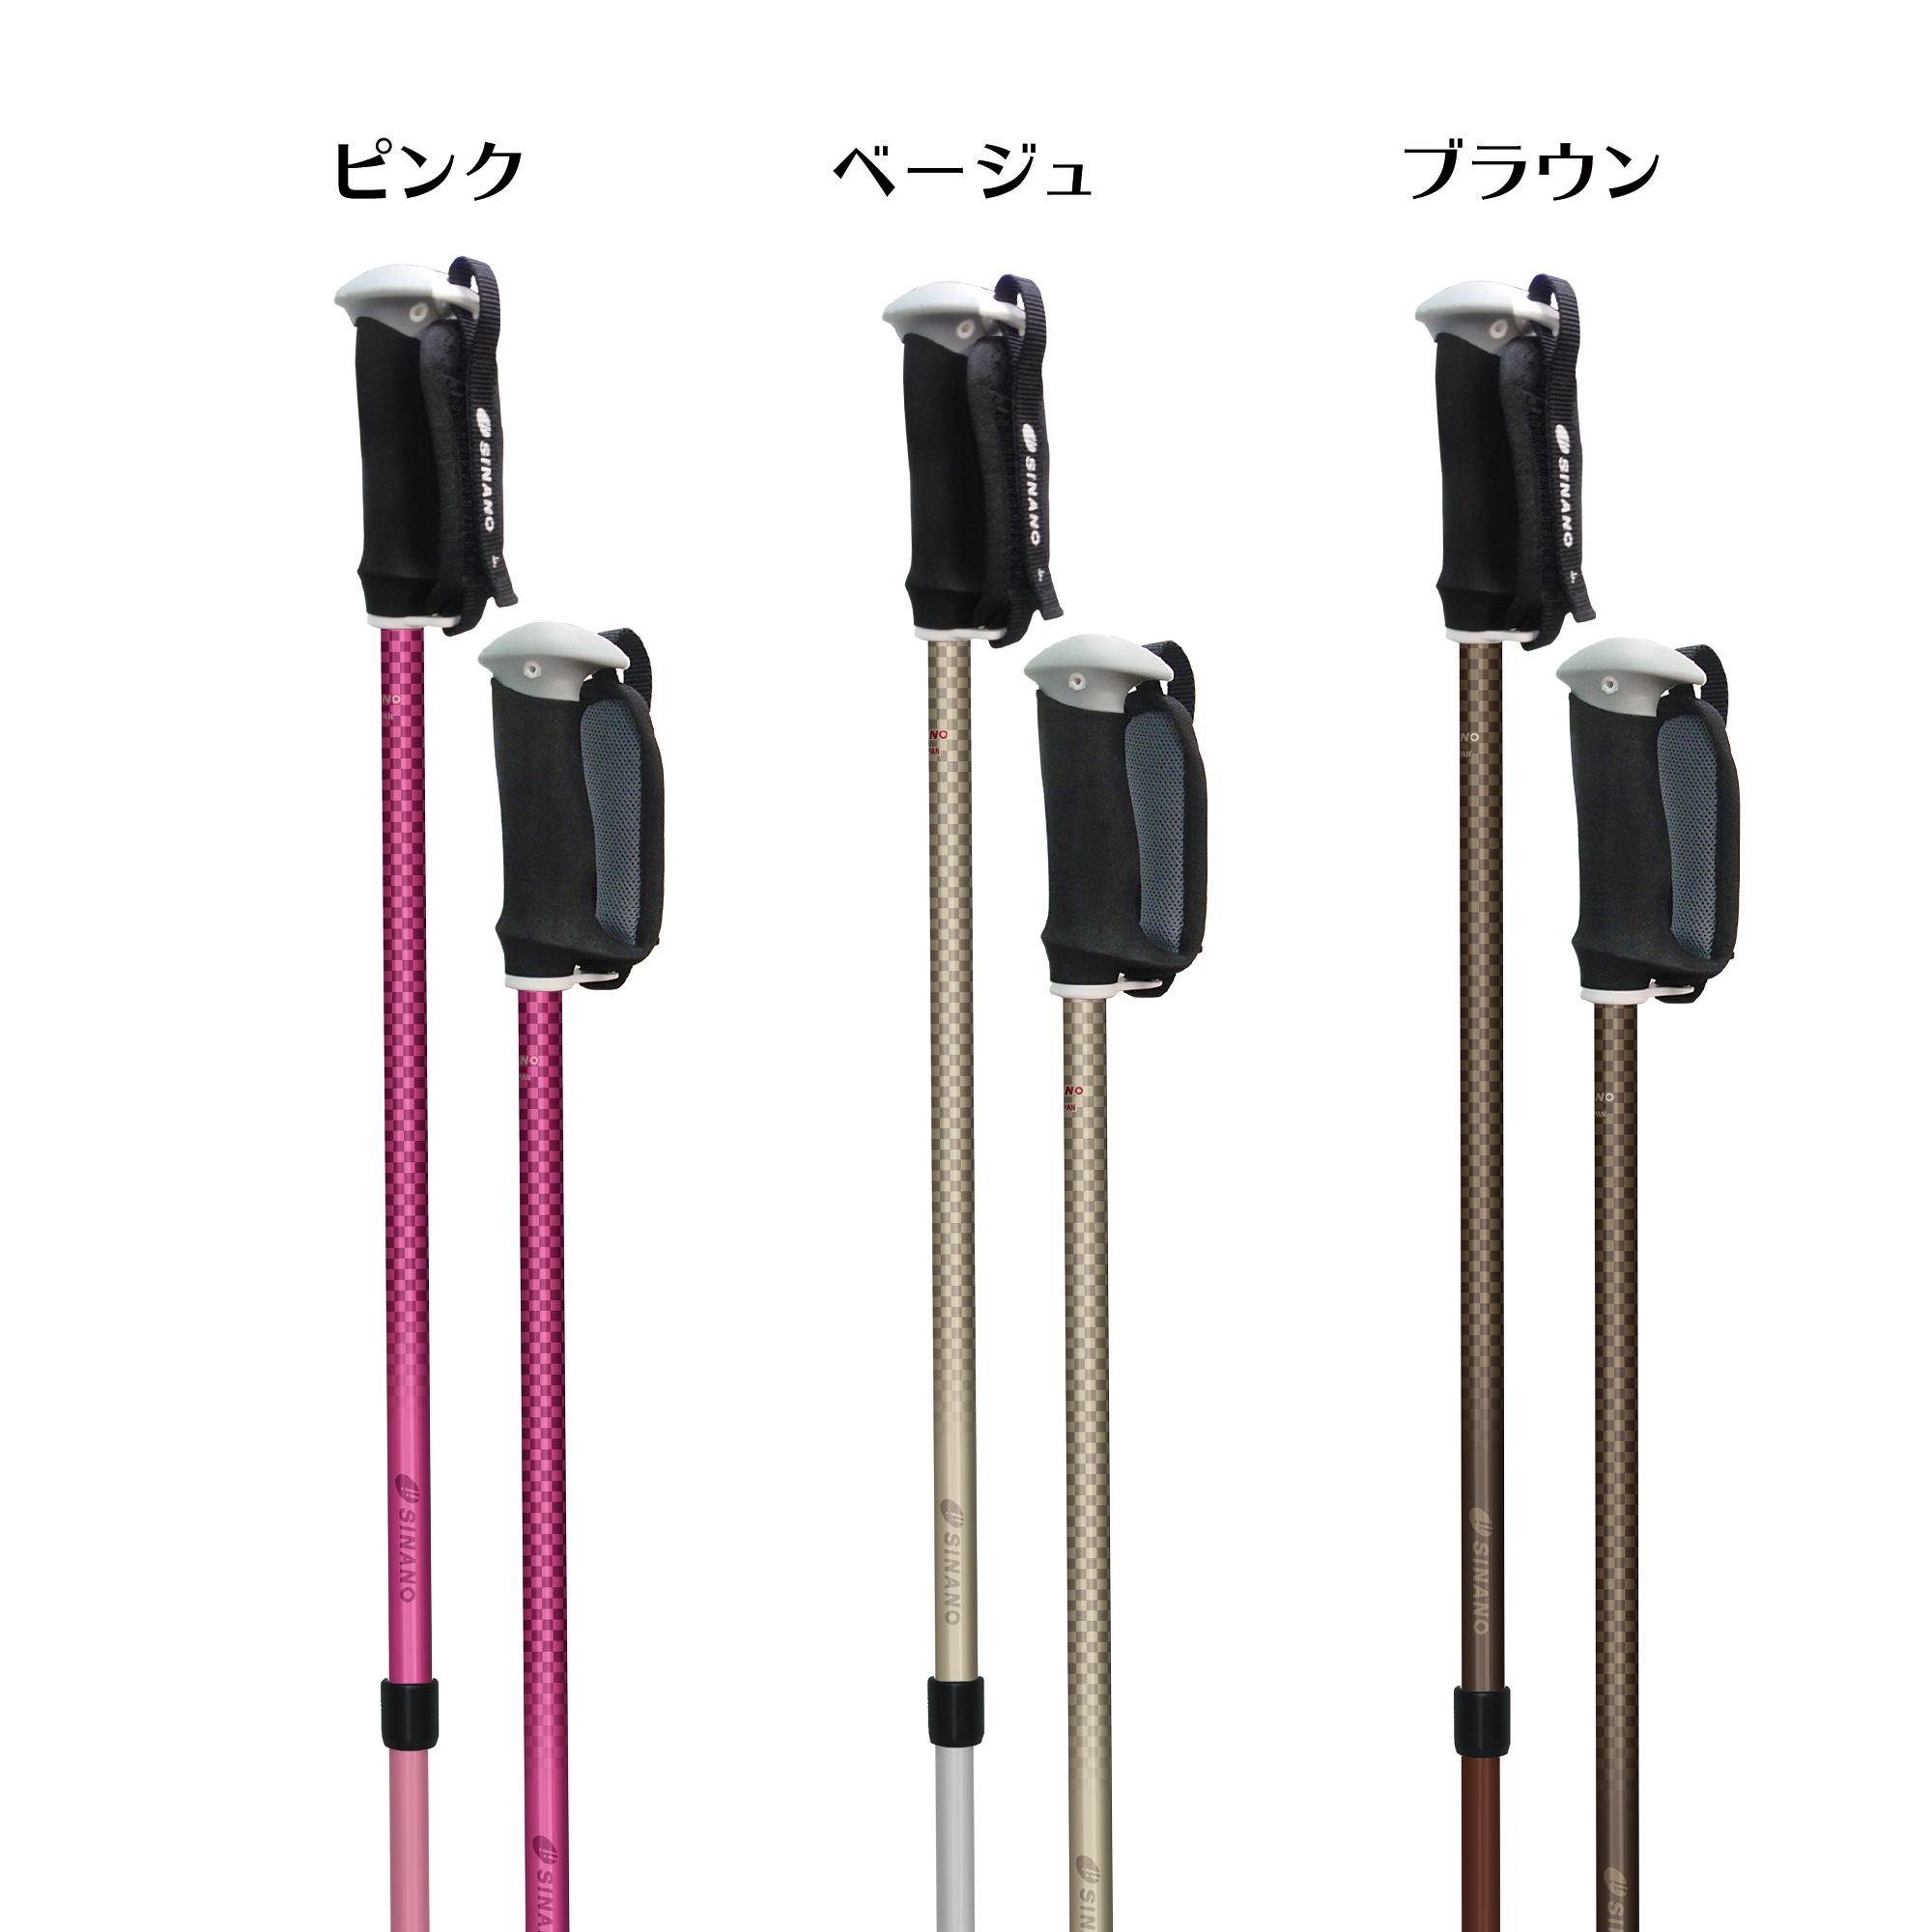 ソフト安心2本杖